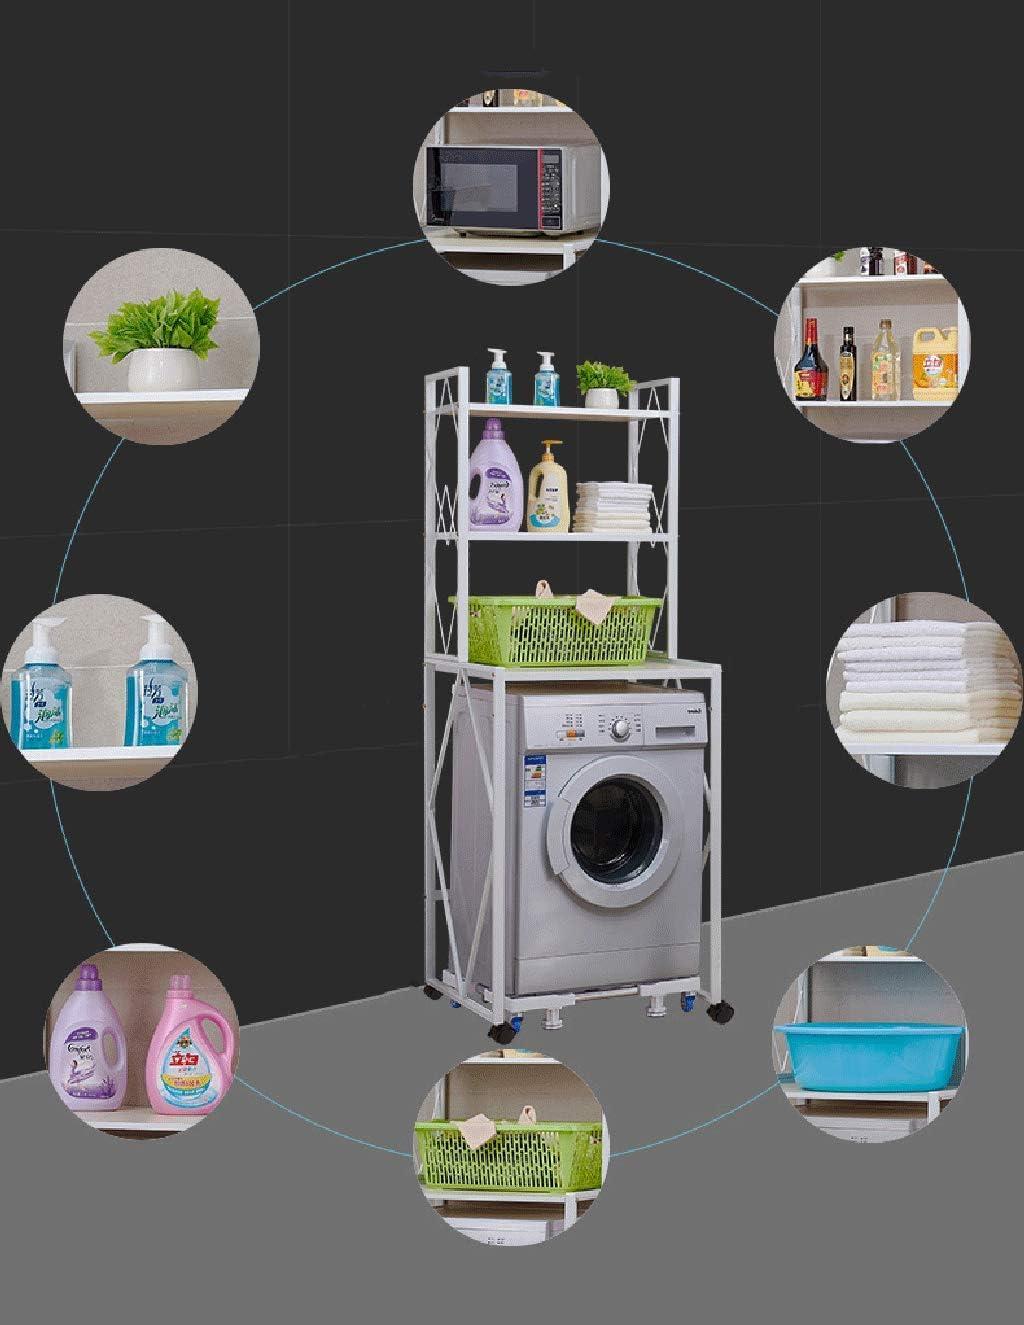 Estante Estante de la lavadora de 3 capas L70cm /× W58cm /× H185cm Caja de almac estante m/óvil multifuncional de la lavadora blanco a prueba de /óxido del hierro tr/ípode universal montado en el piso